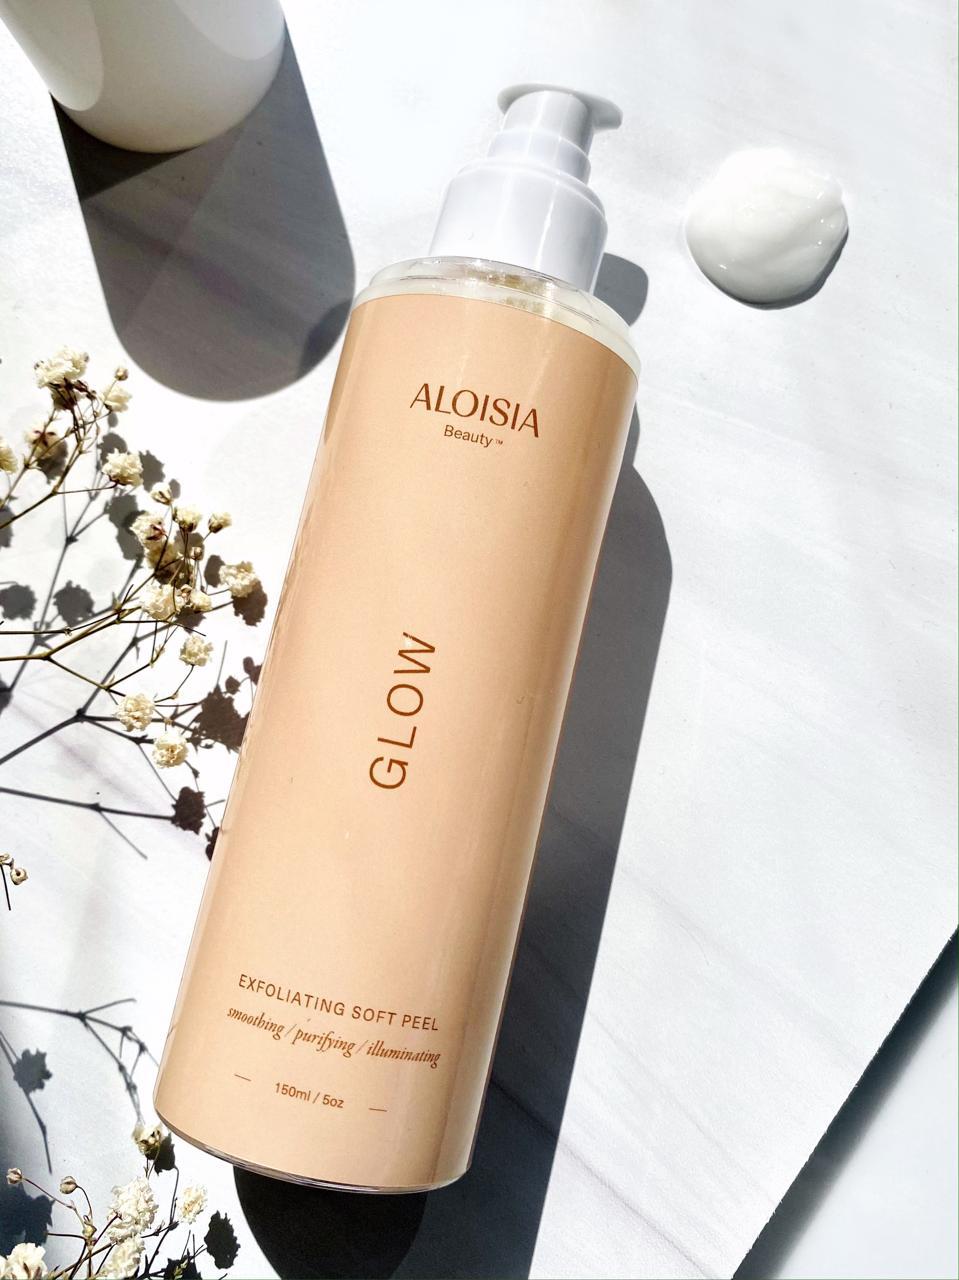 ALOSIA BEAUTY GLOW Exfoliating Soft Peel